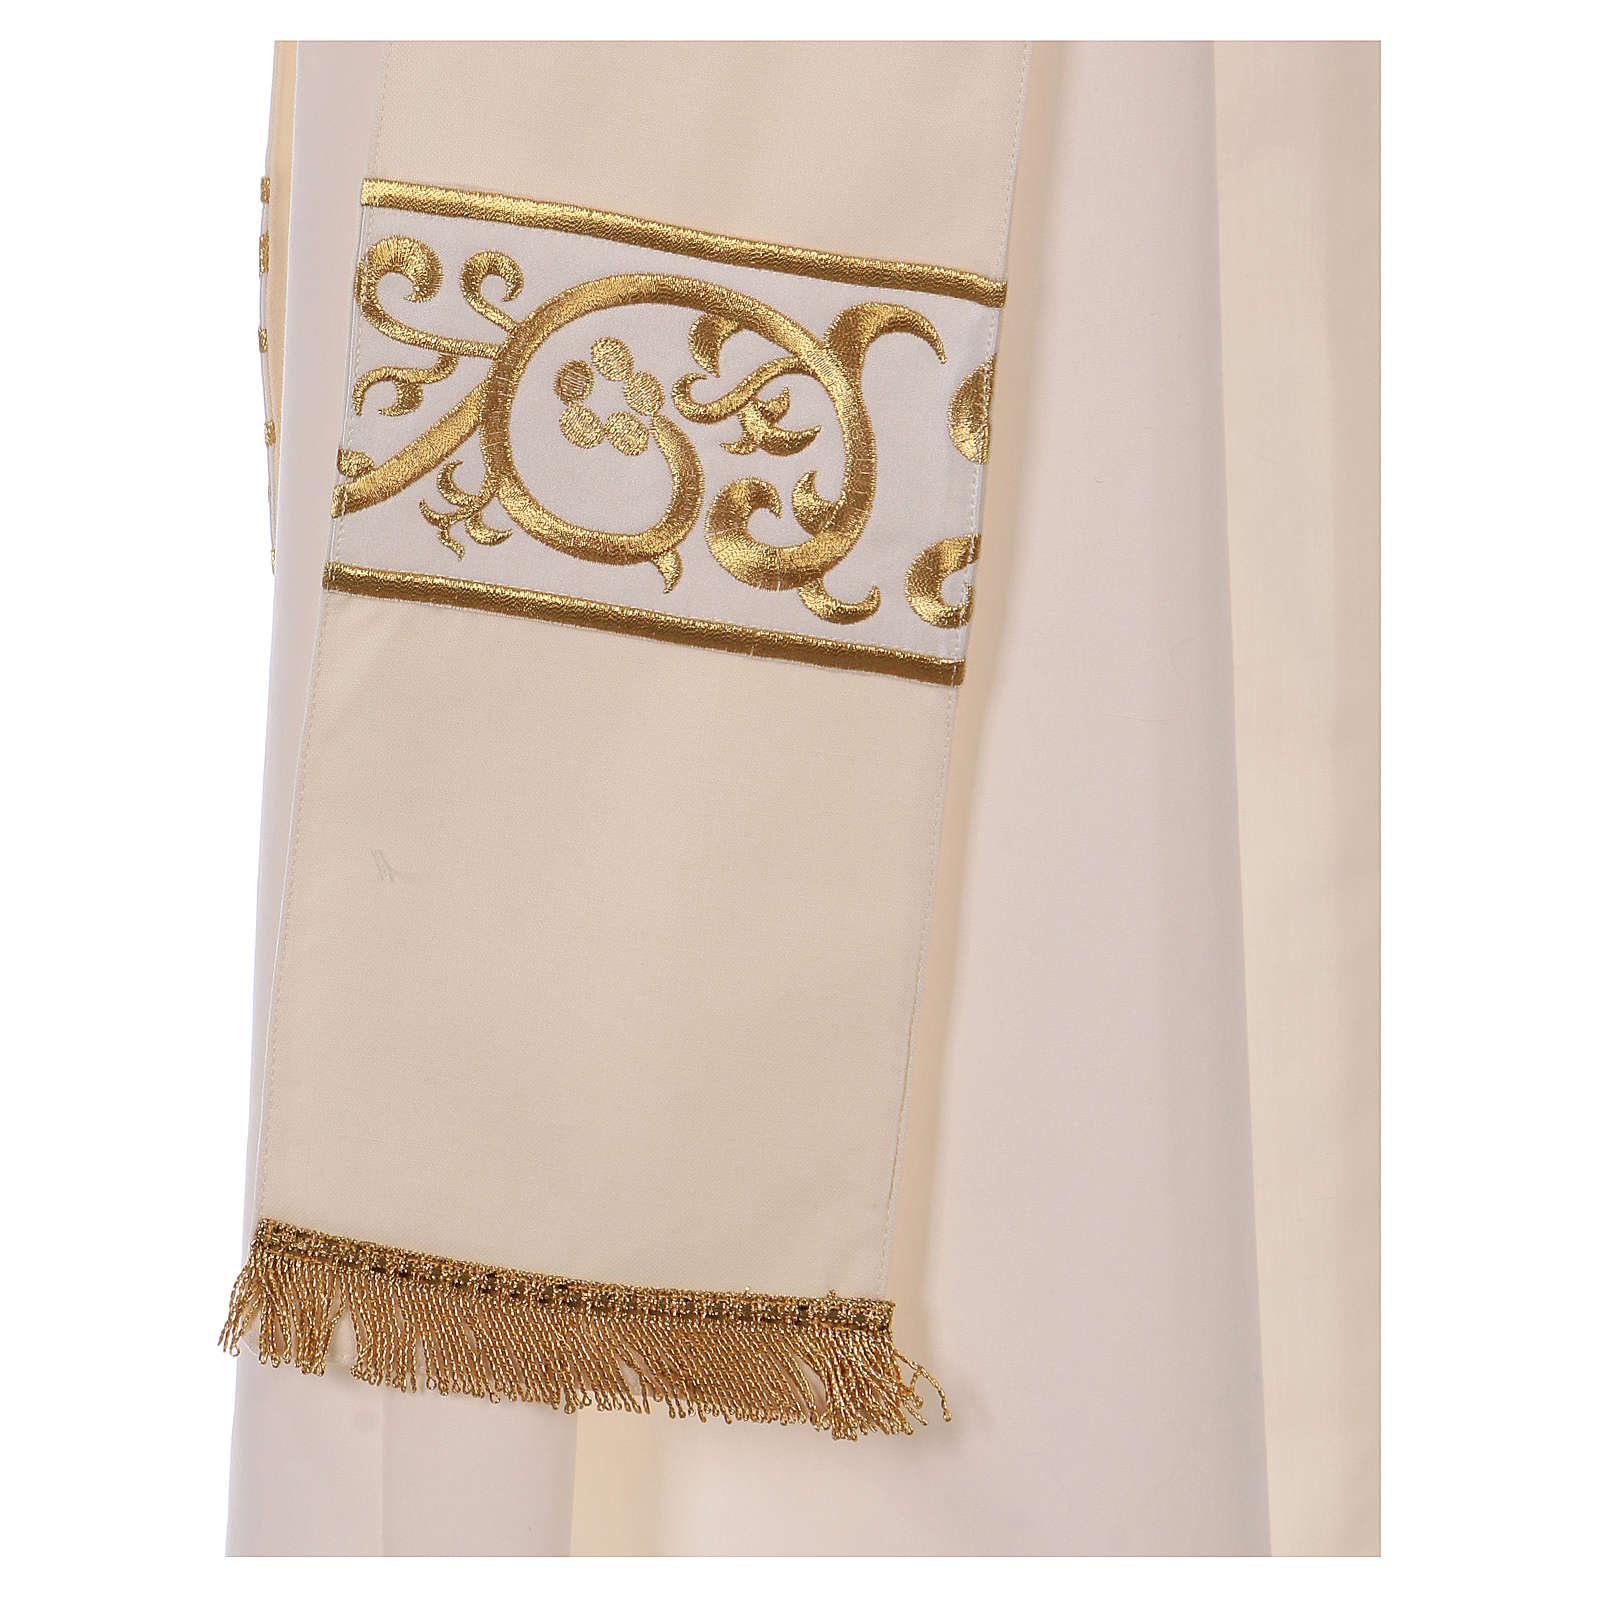 Dalmática bege 100% lã decorada bordado dourado 4